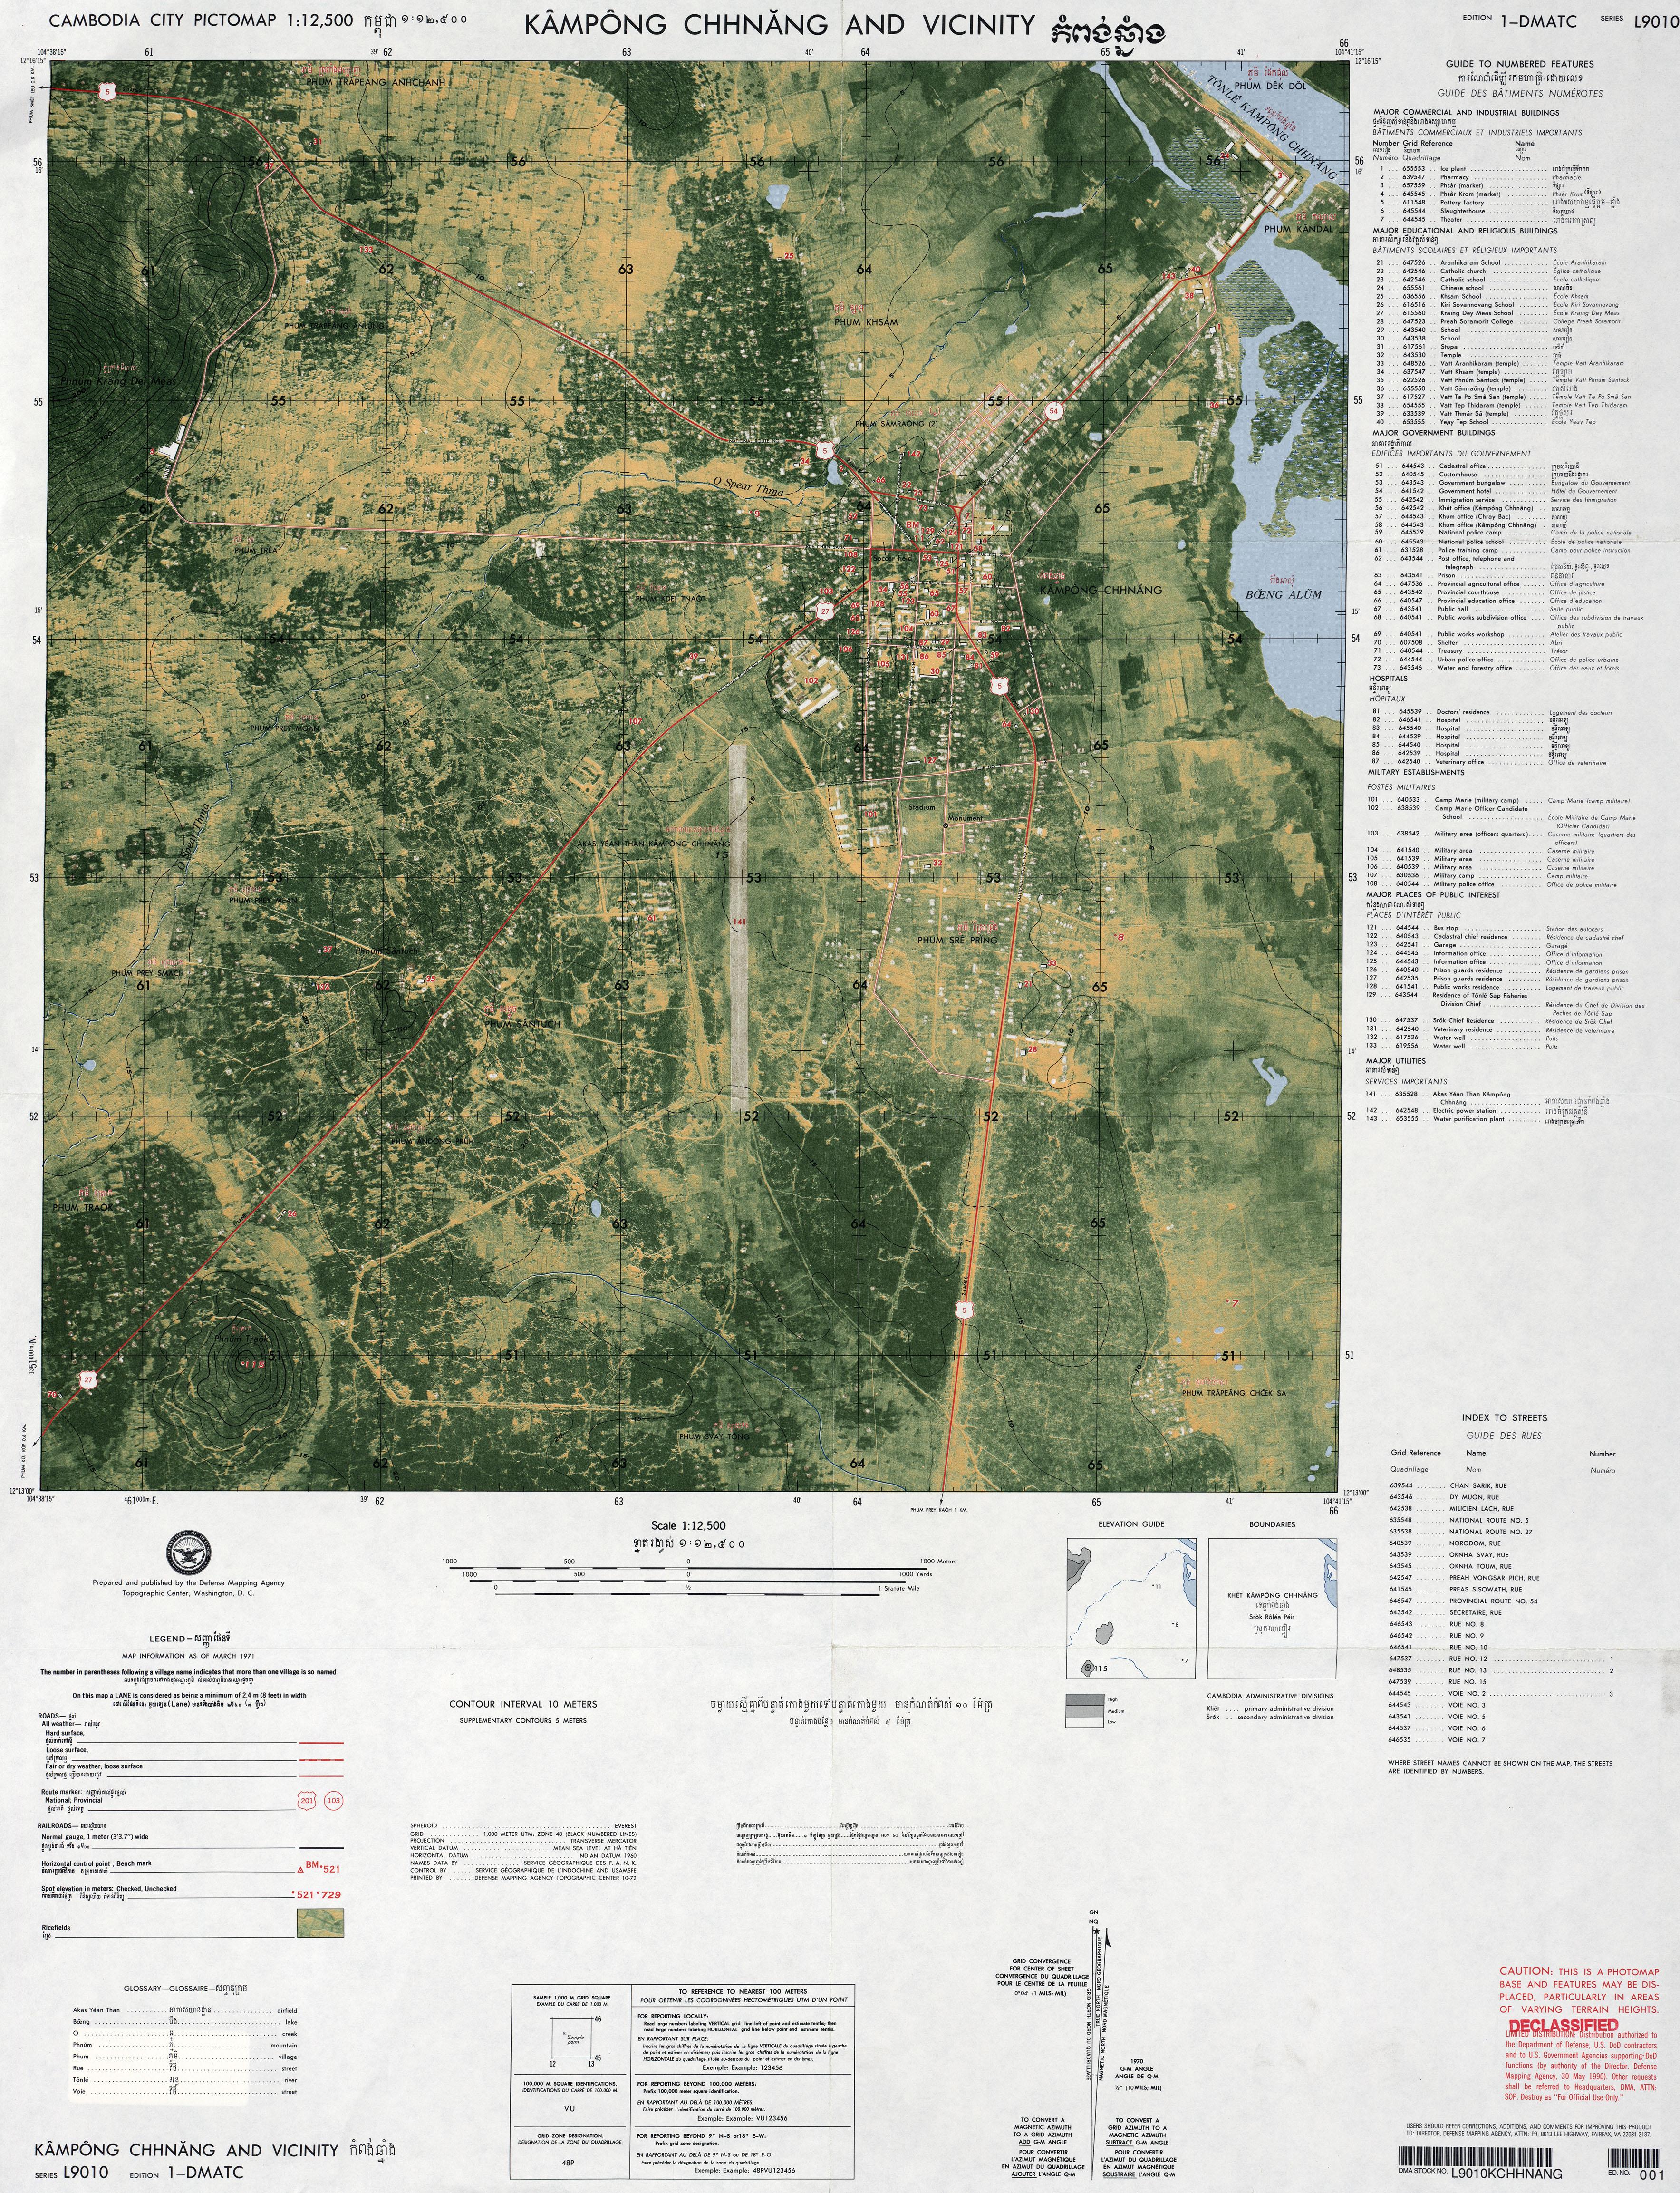 kampong chhnang and vicinity original scale 1 12 500 edition 1 dmatc series l9010